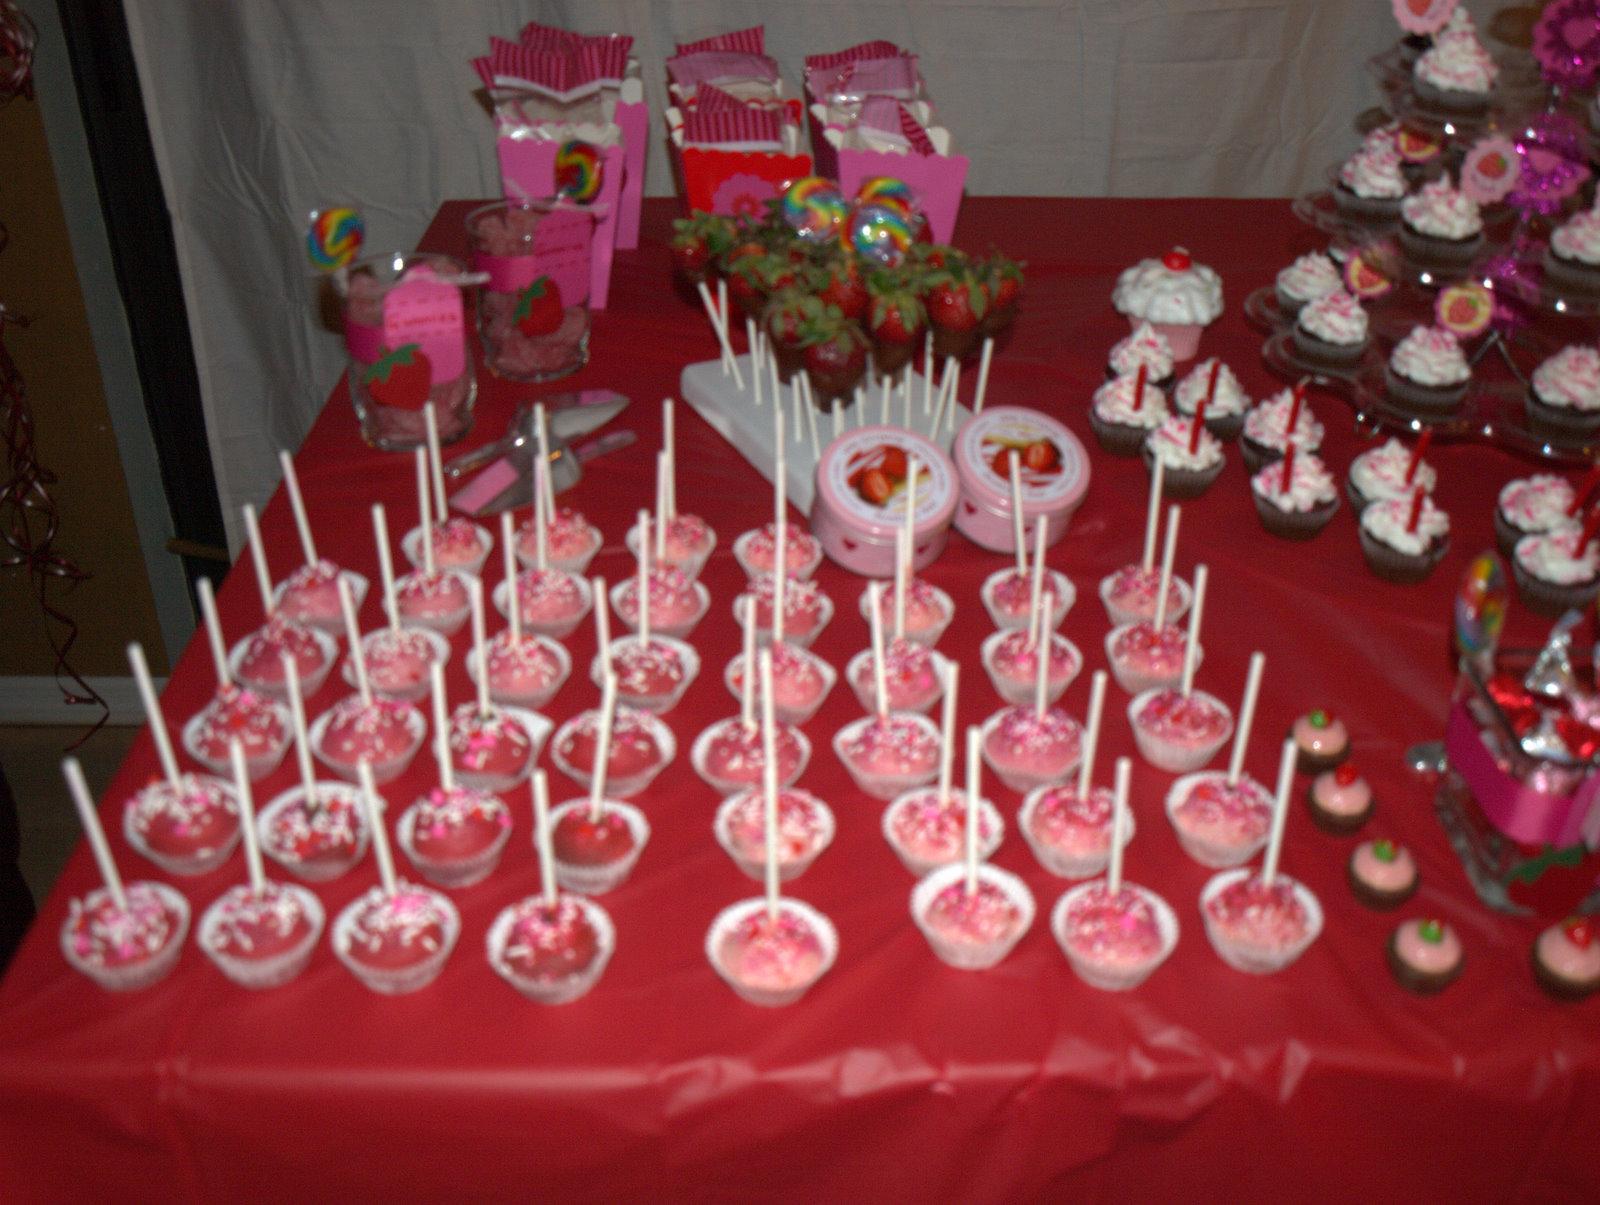 Sharys Strawberry Shortcake 18th Birthday Party